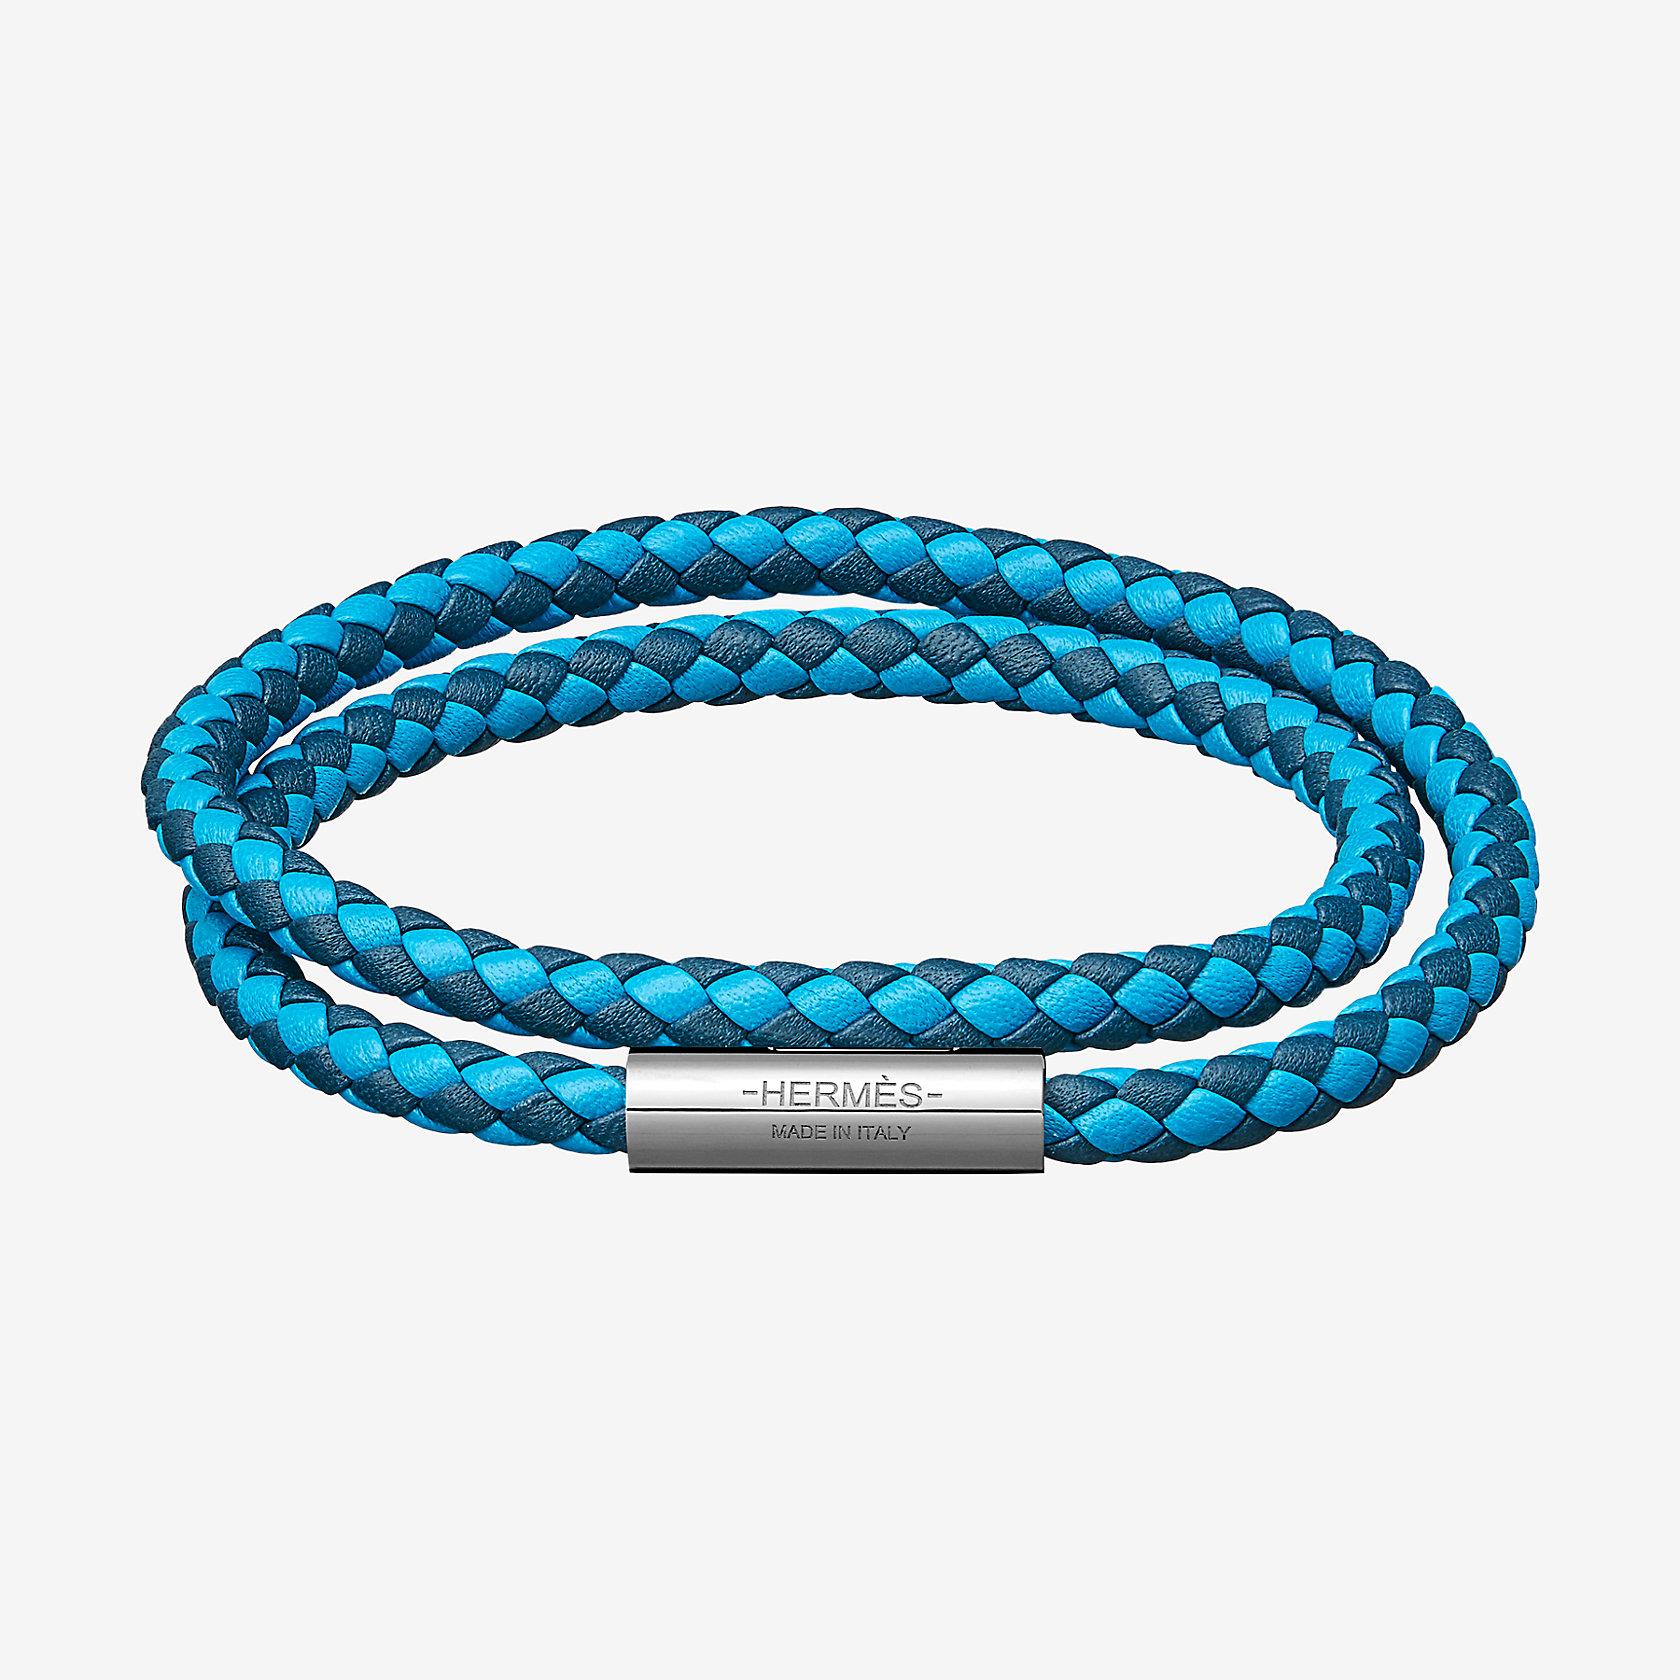 530b2a477004f Goliath Double Tour bracelet